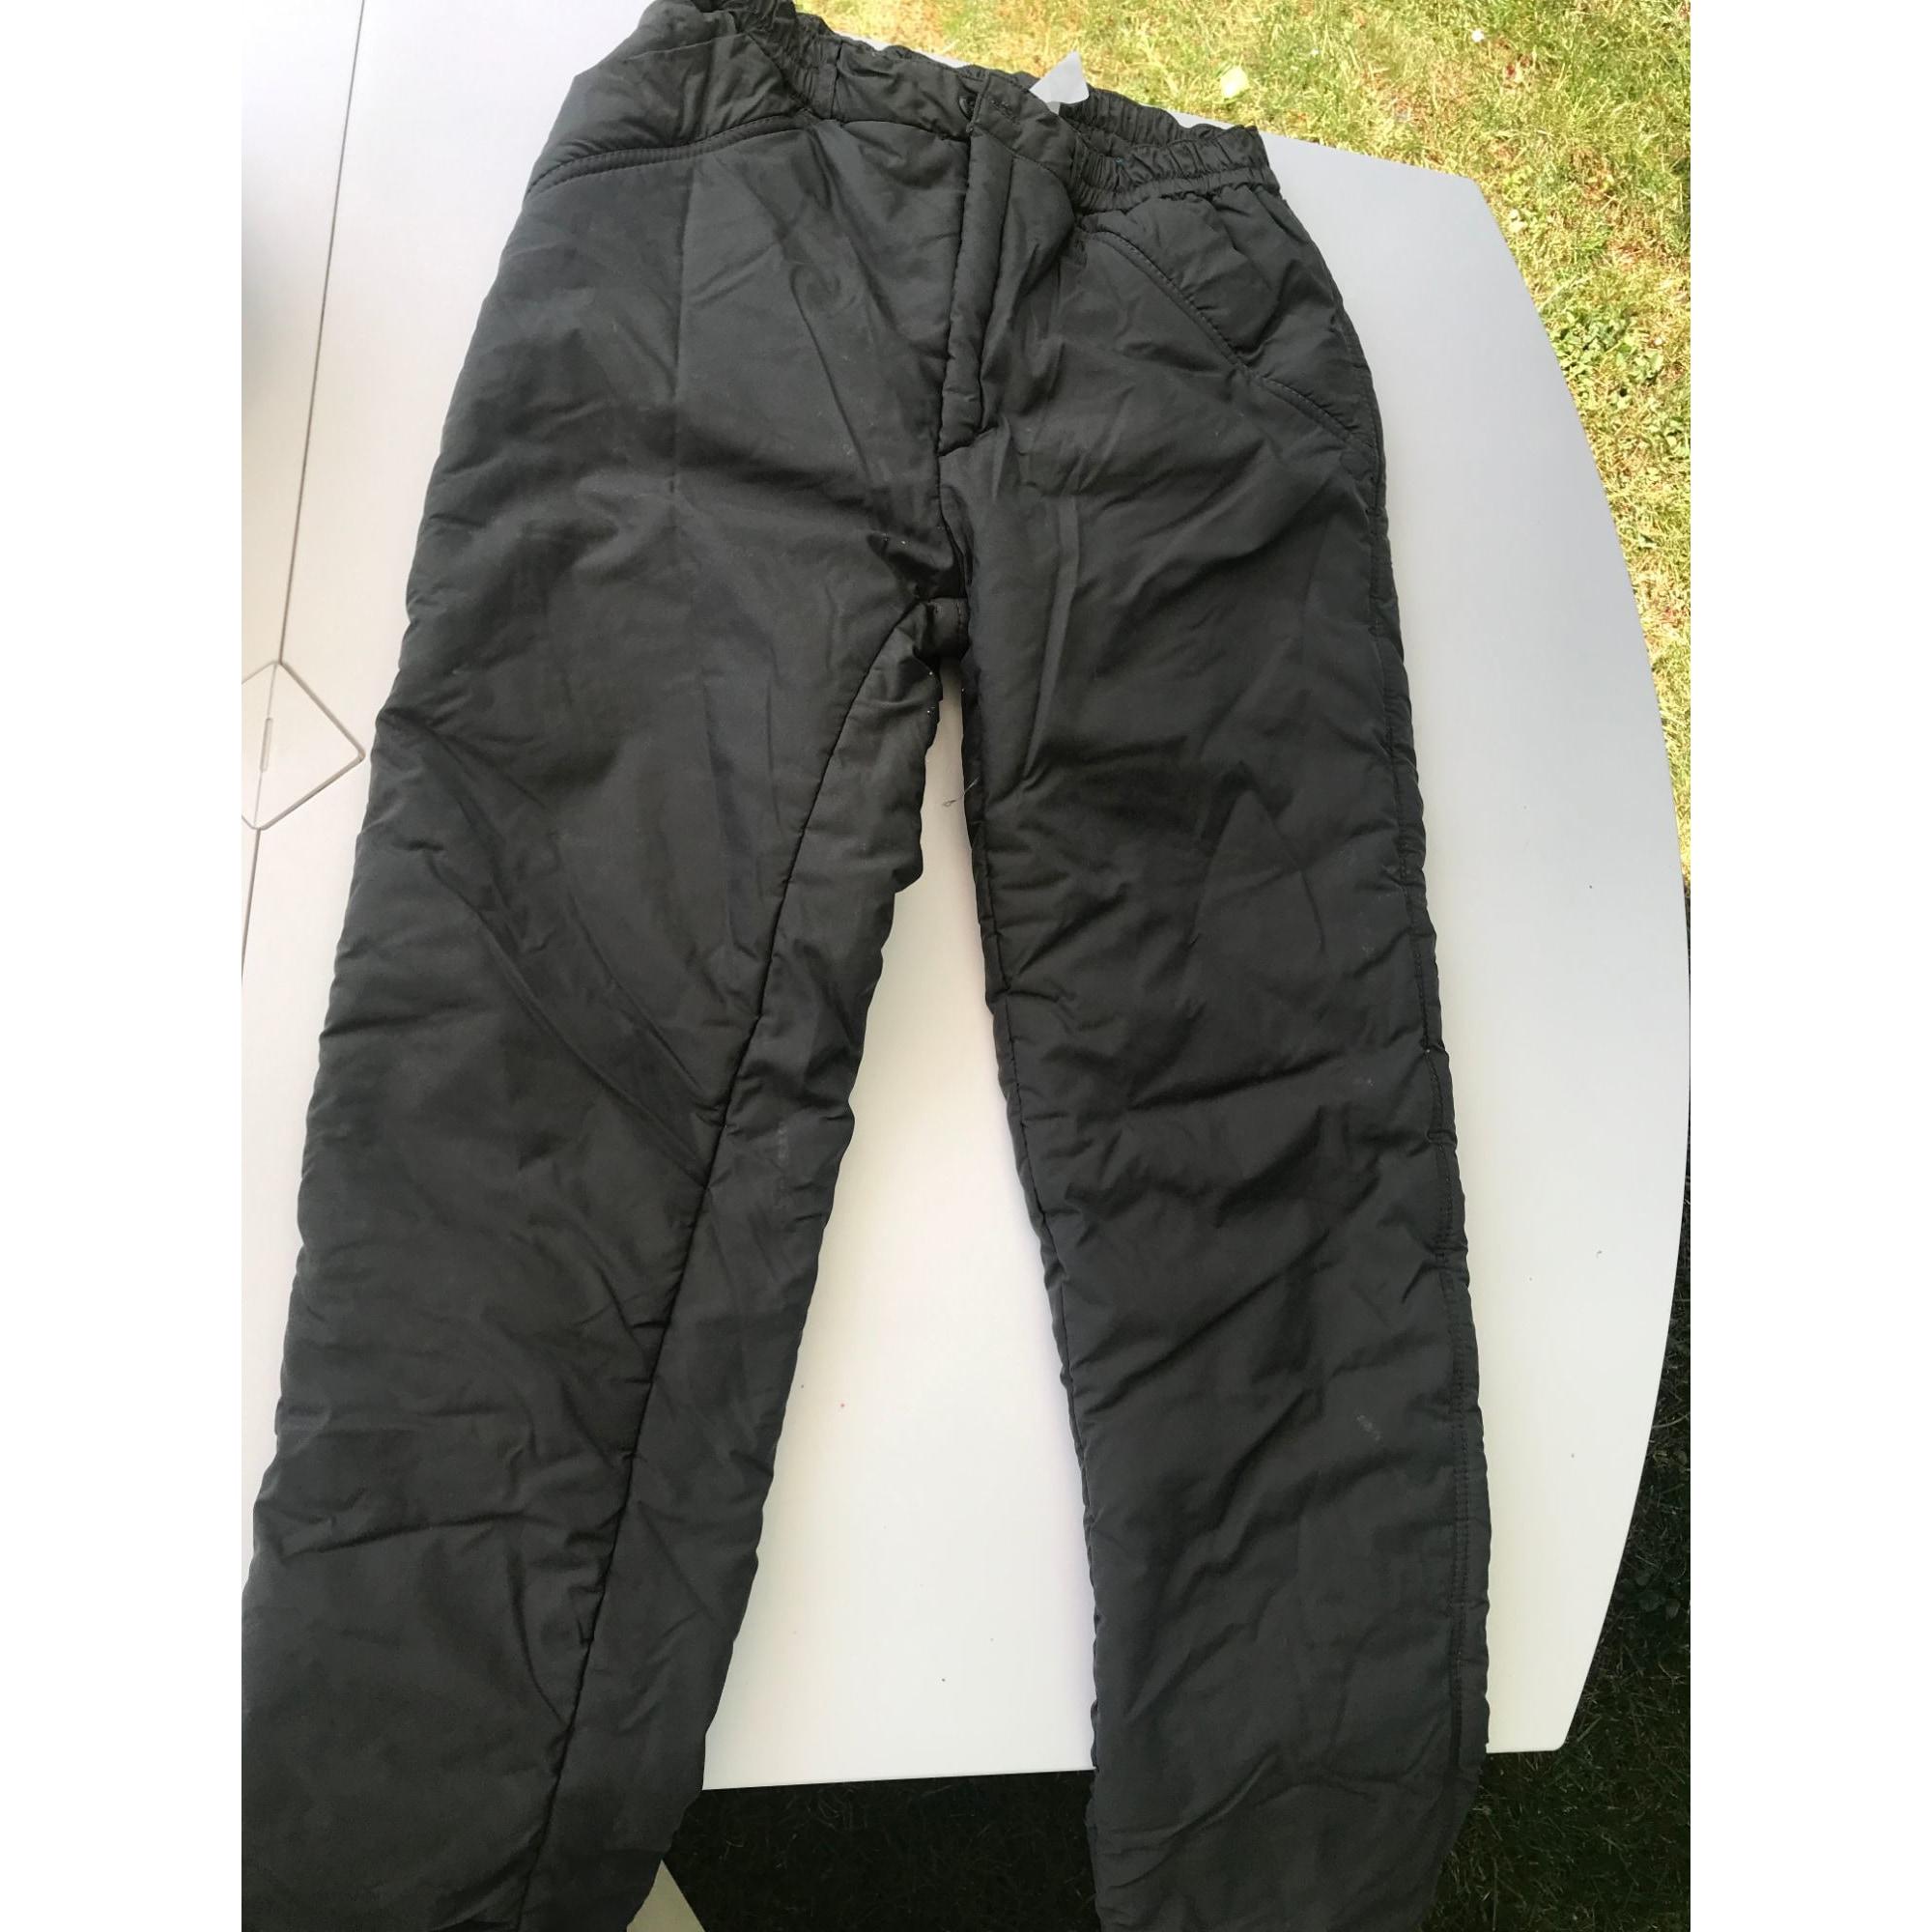 Pantalon de ski MARQUE INCONNUE Kaki